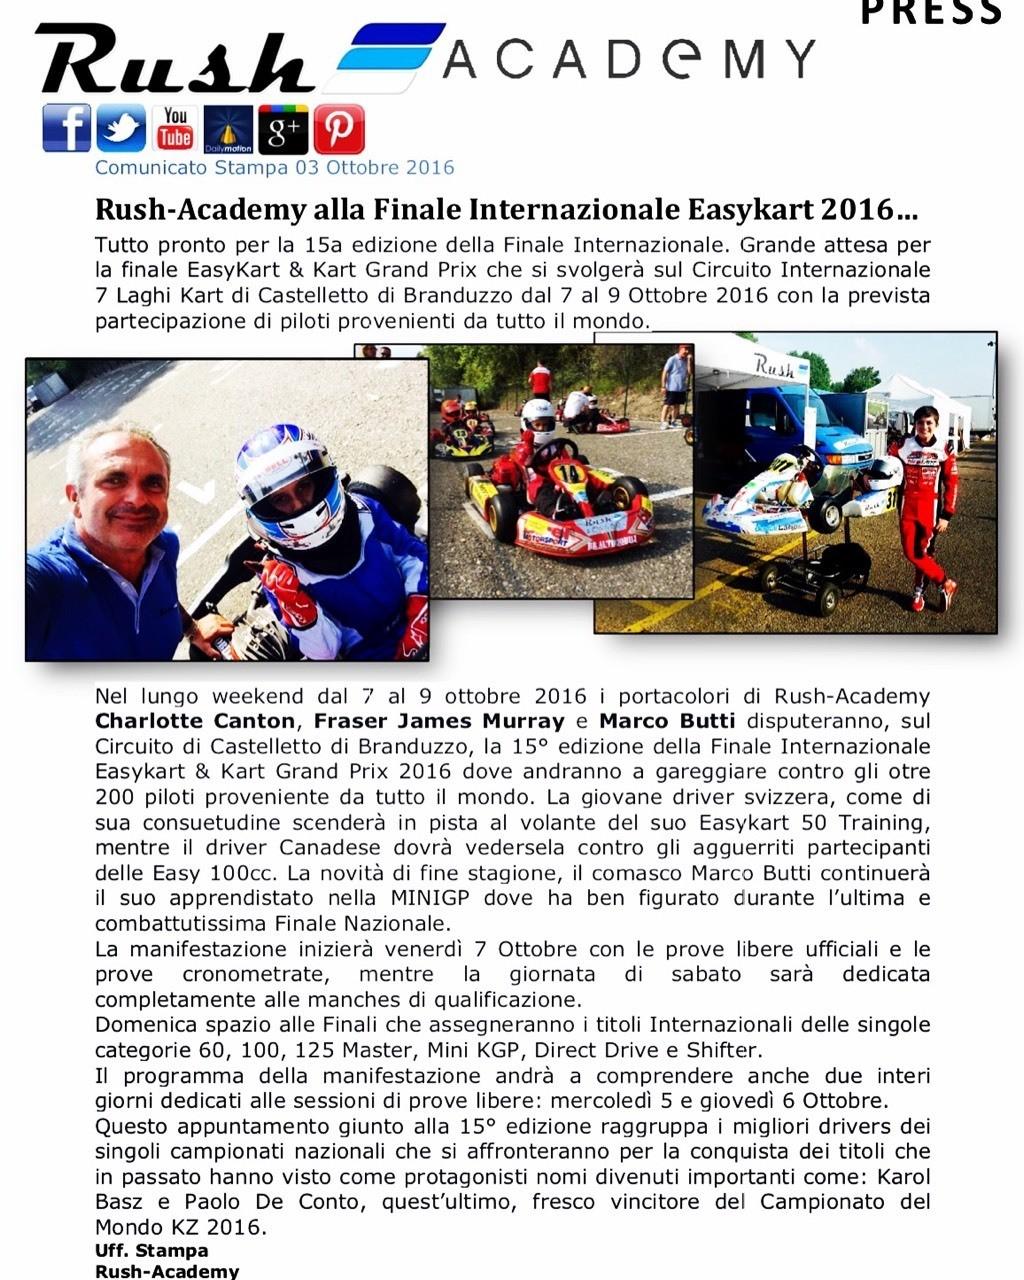 Comunicato Stampa 03 Ottobre 2016 RUSH-ACADEMY ALLA FINALE INTERNAZIONALE EASYKART 2016… Tutto pronto per la 15a edizione Easykart 2016